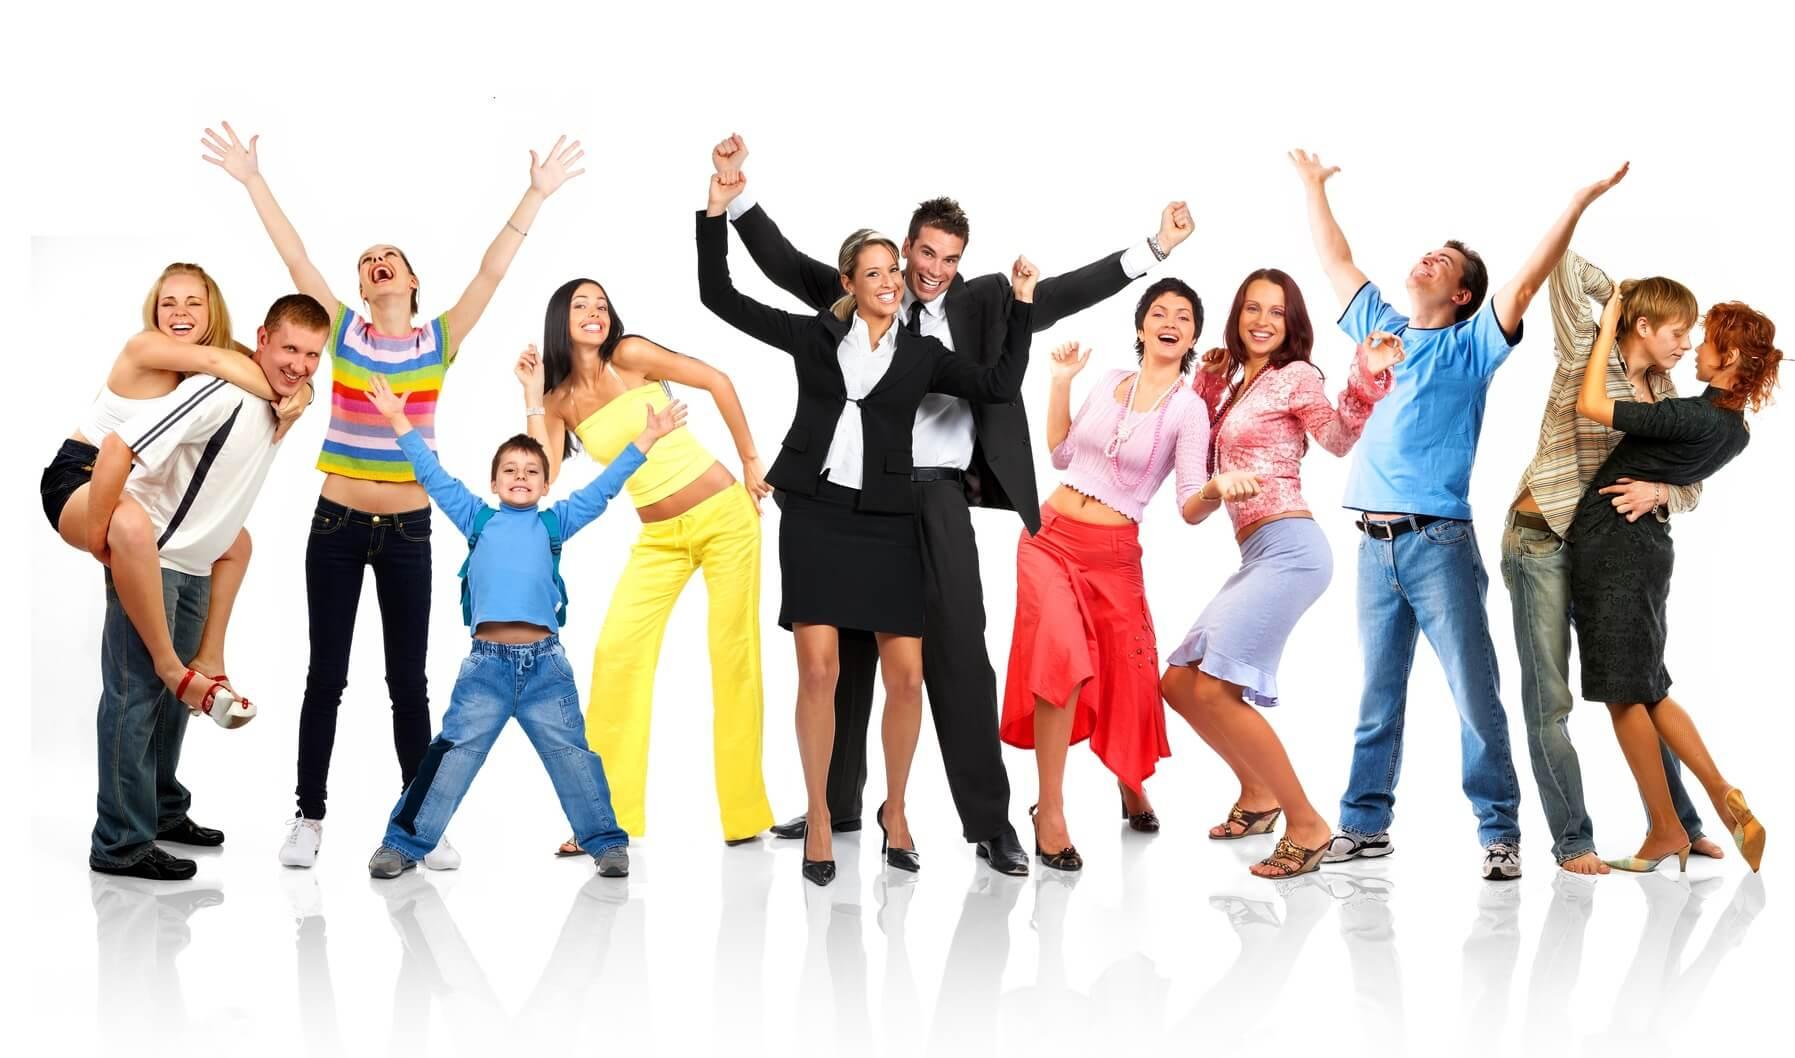 Mitarbeiterzufriedenheit läßt sich mit diesen 5 Maßnahmen steigern (c) Kurhan – Fotolia.com